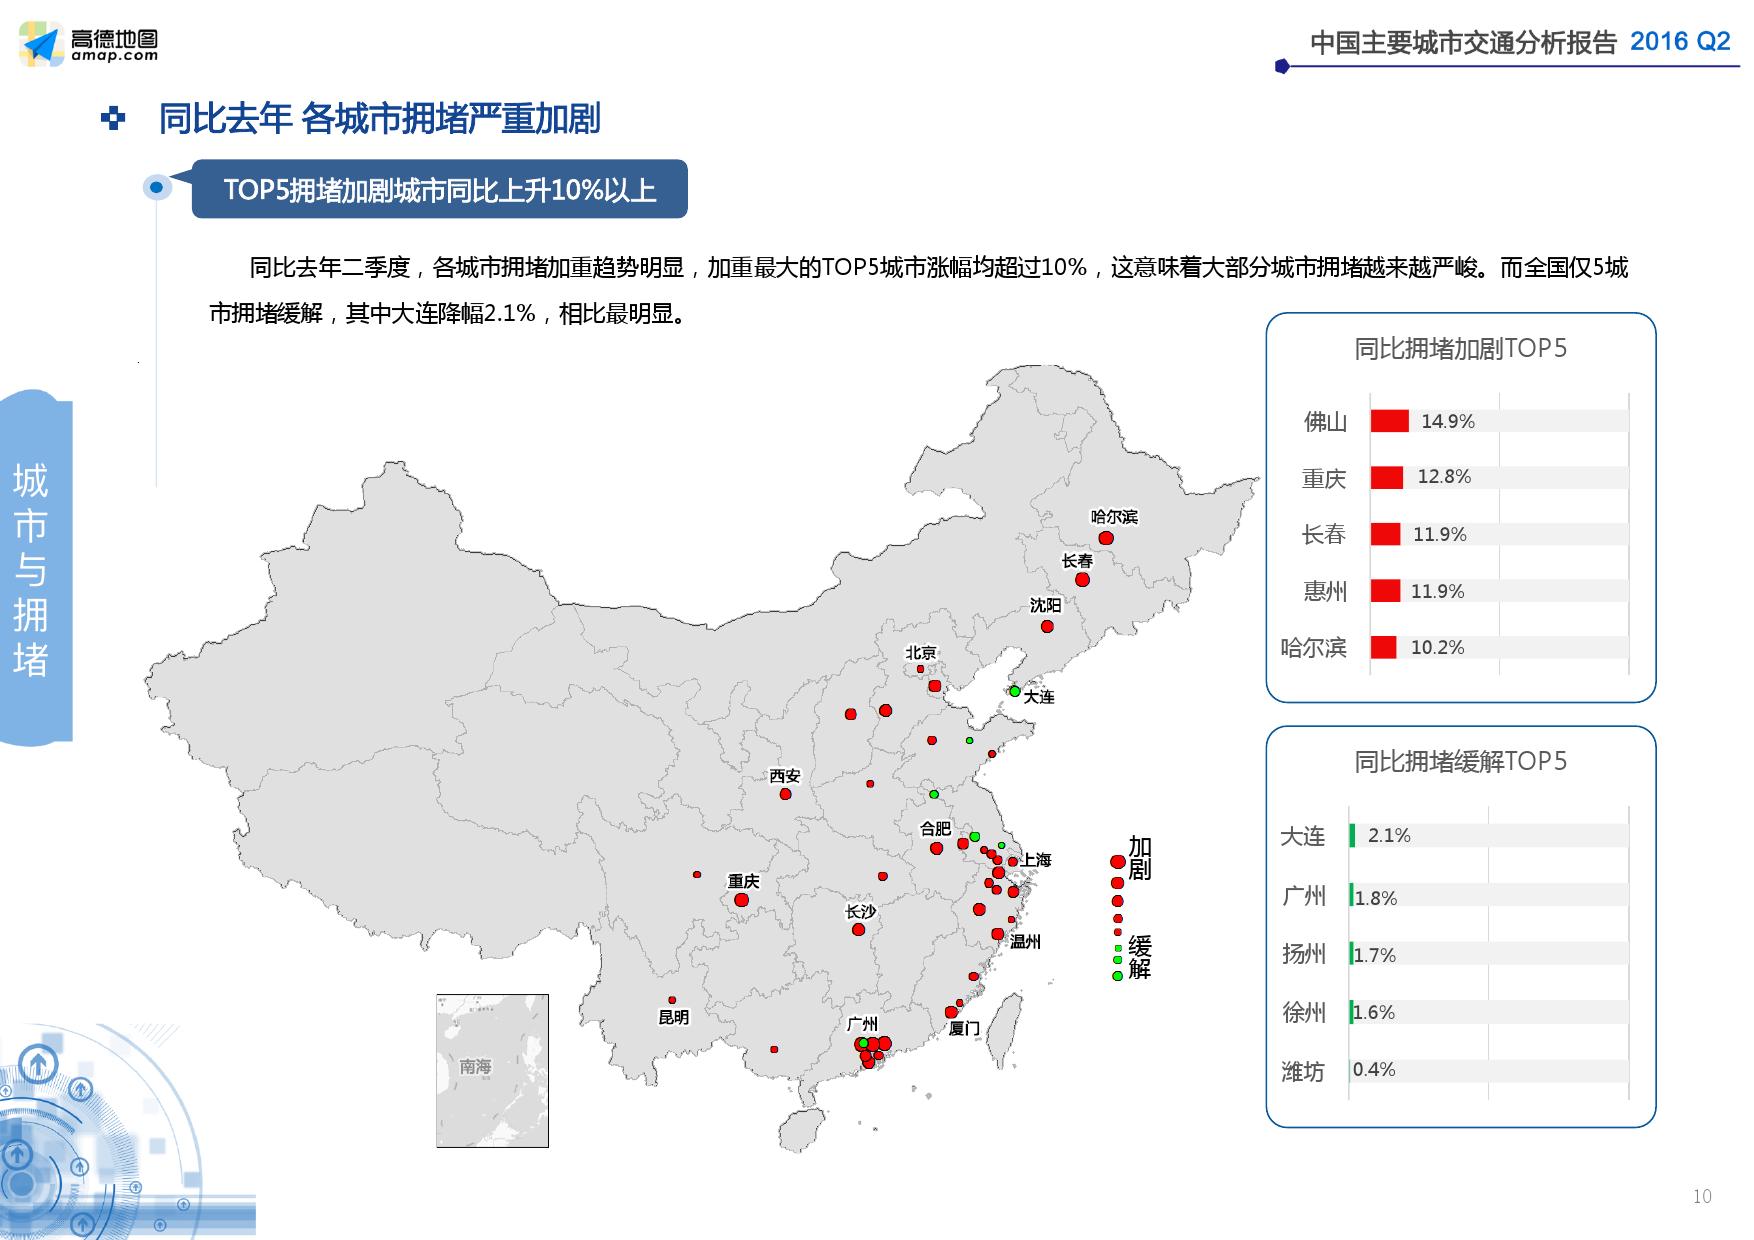 2016年Q2中国主要城市交通分析报告_000010